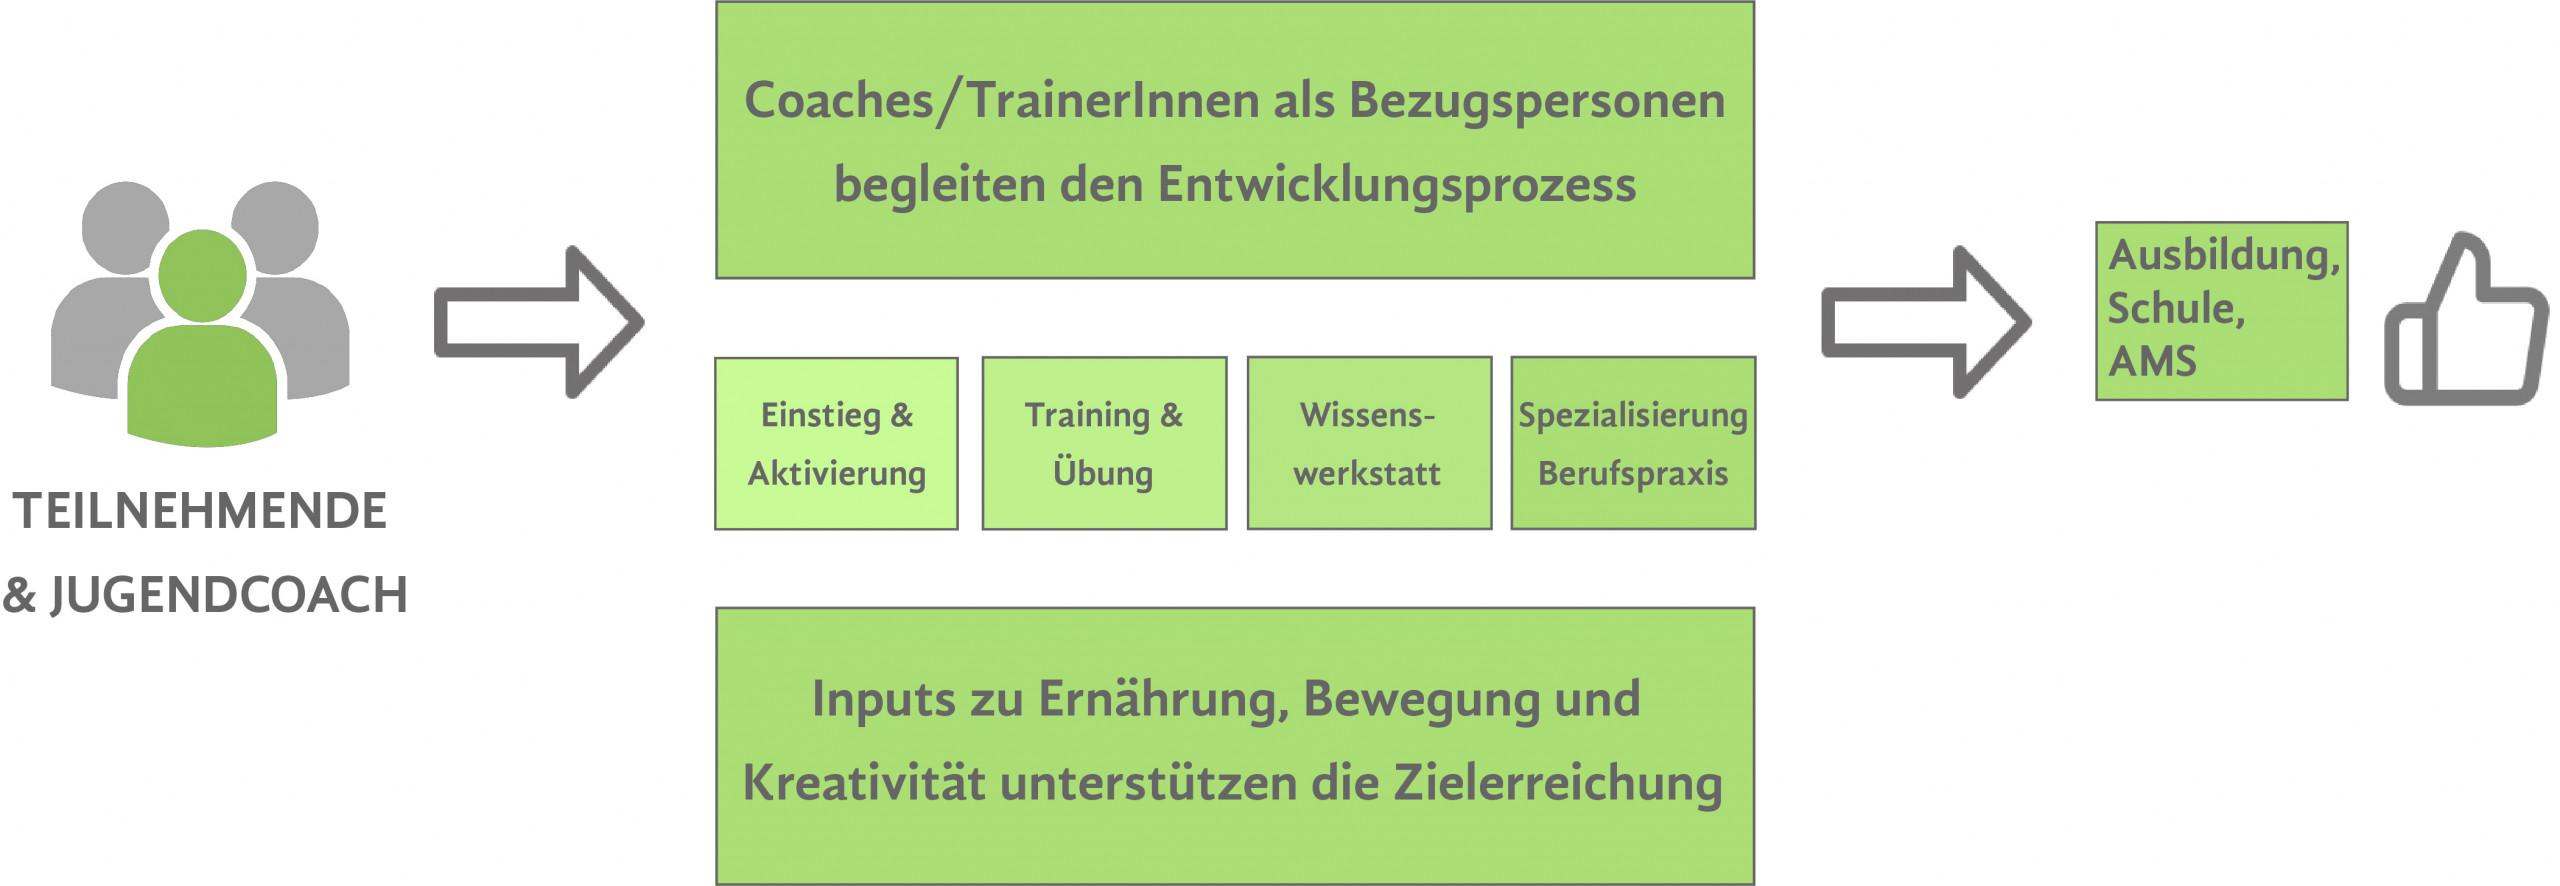 Grafische Darstellung der Rahmenstruktur der Produktionsschule.